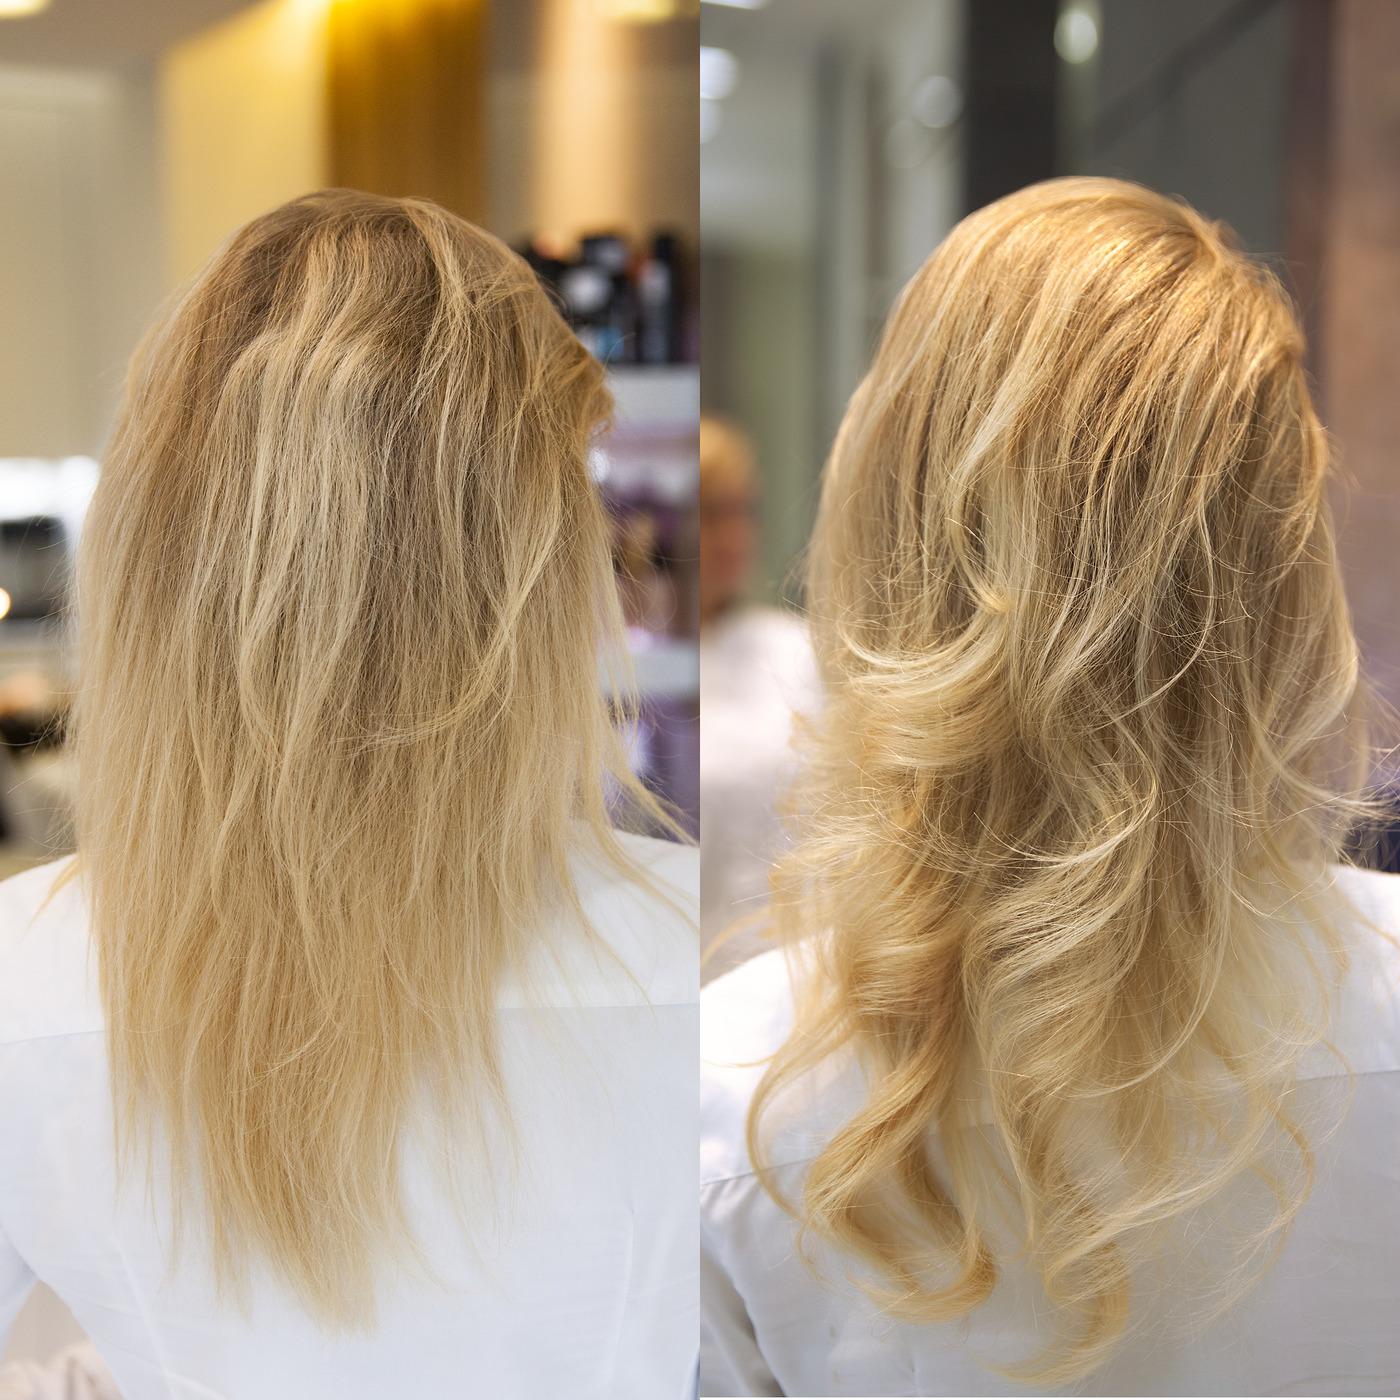 Чтобы волосы стали волнистыми